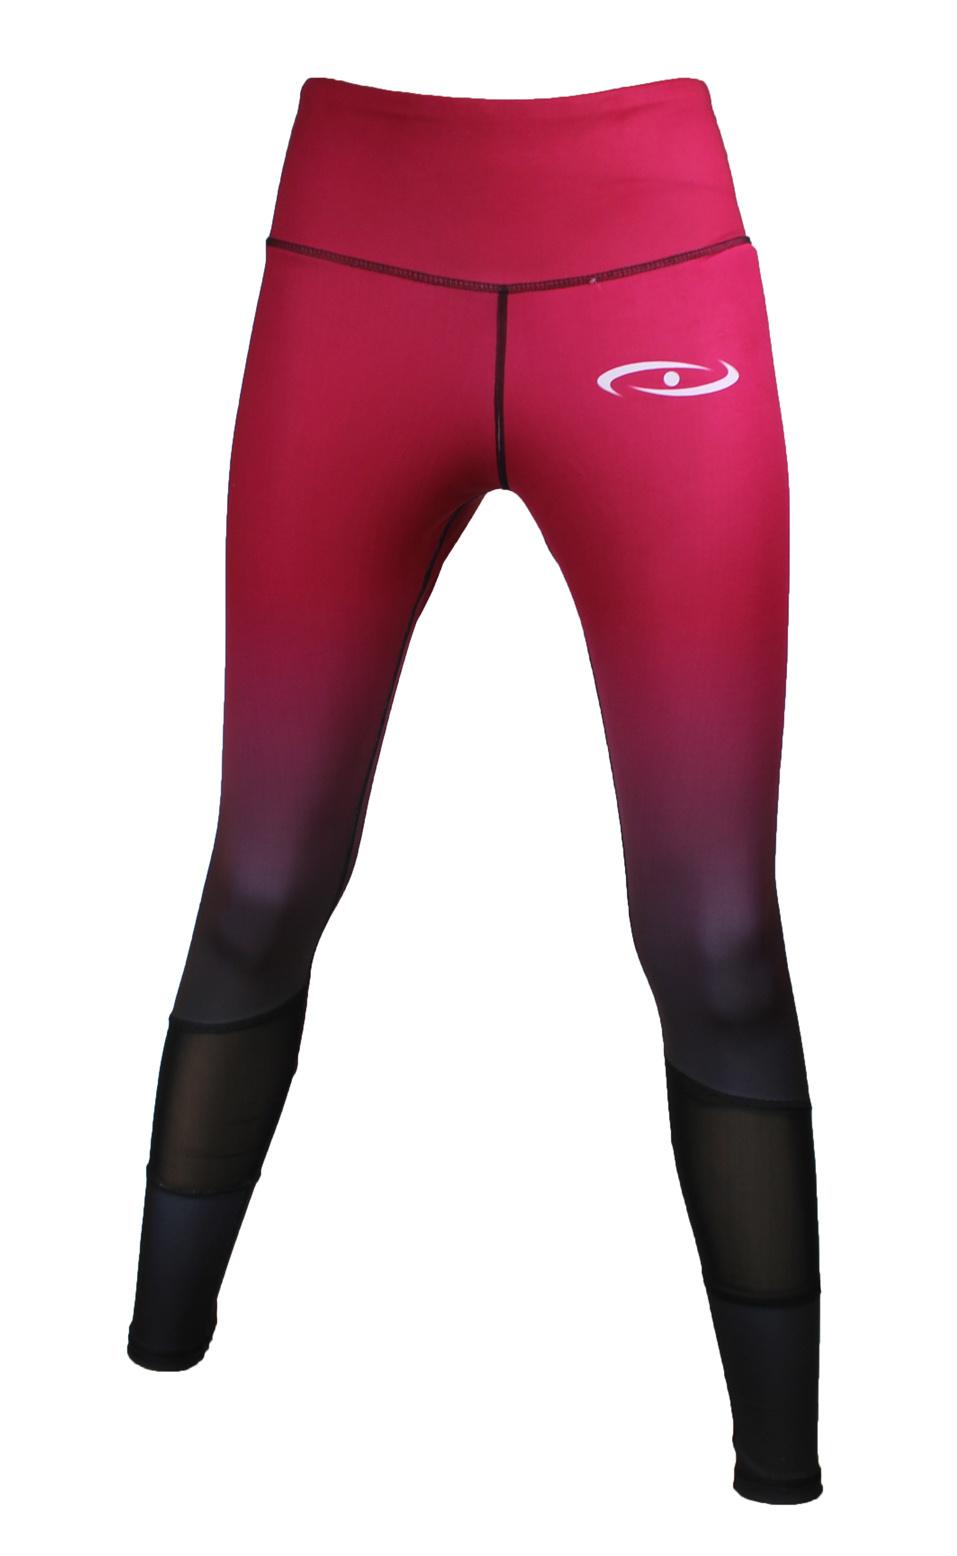 Sportlegging dames Legend Crimson rood